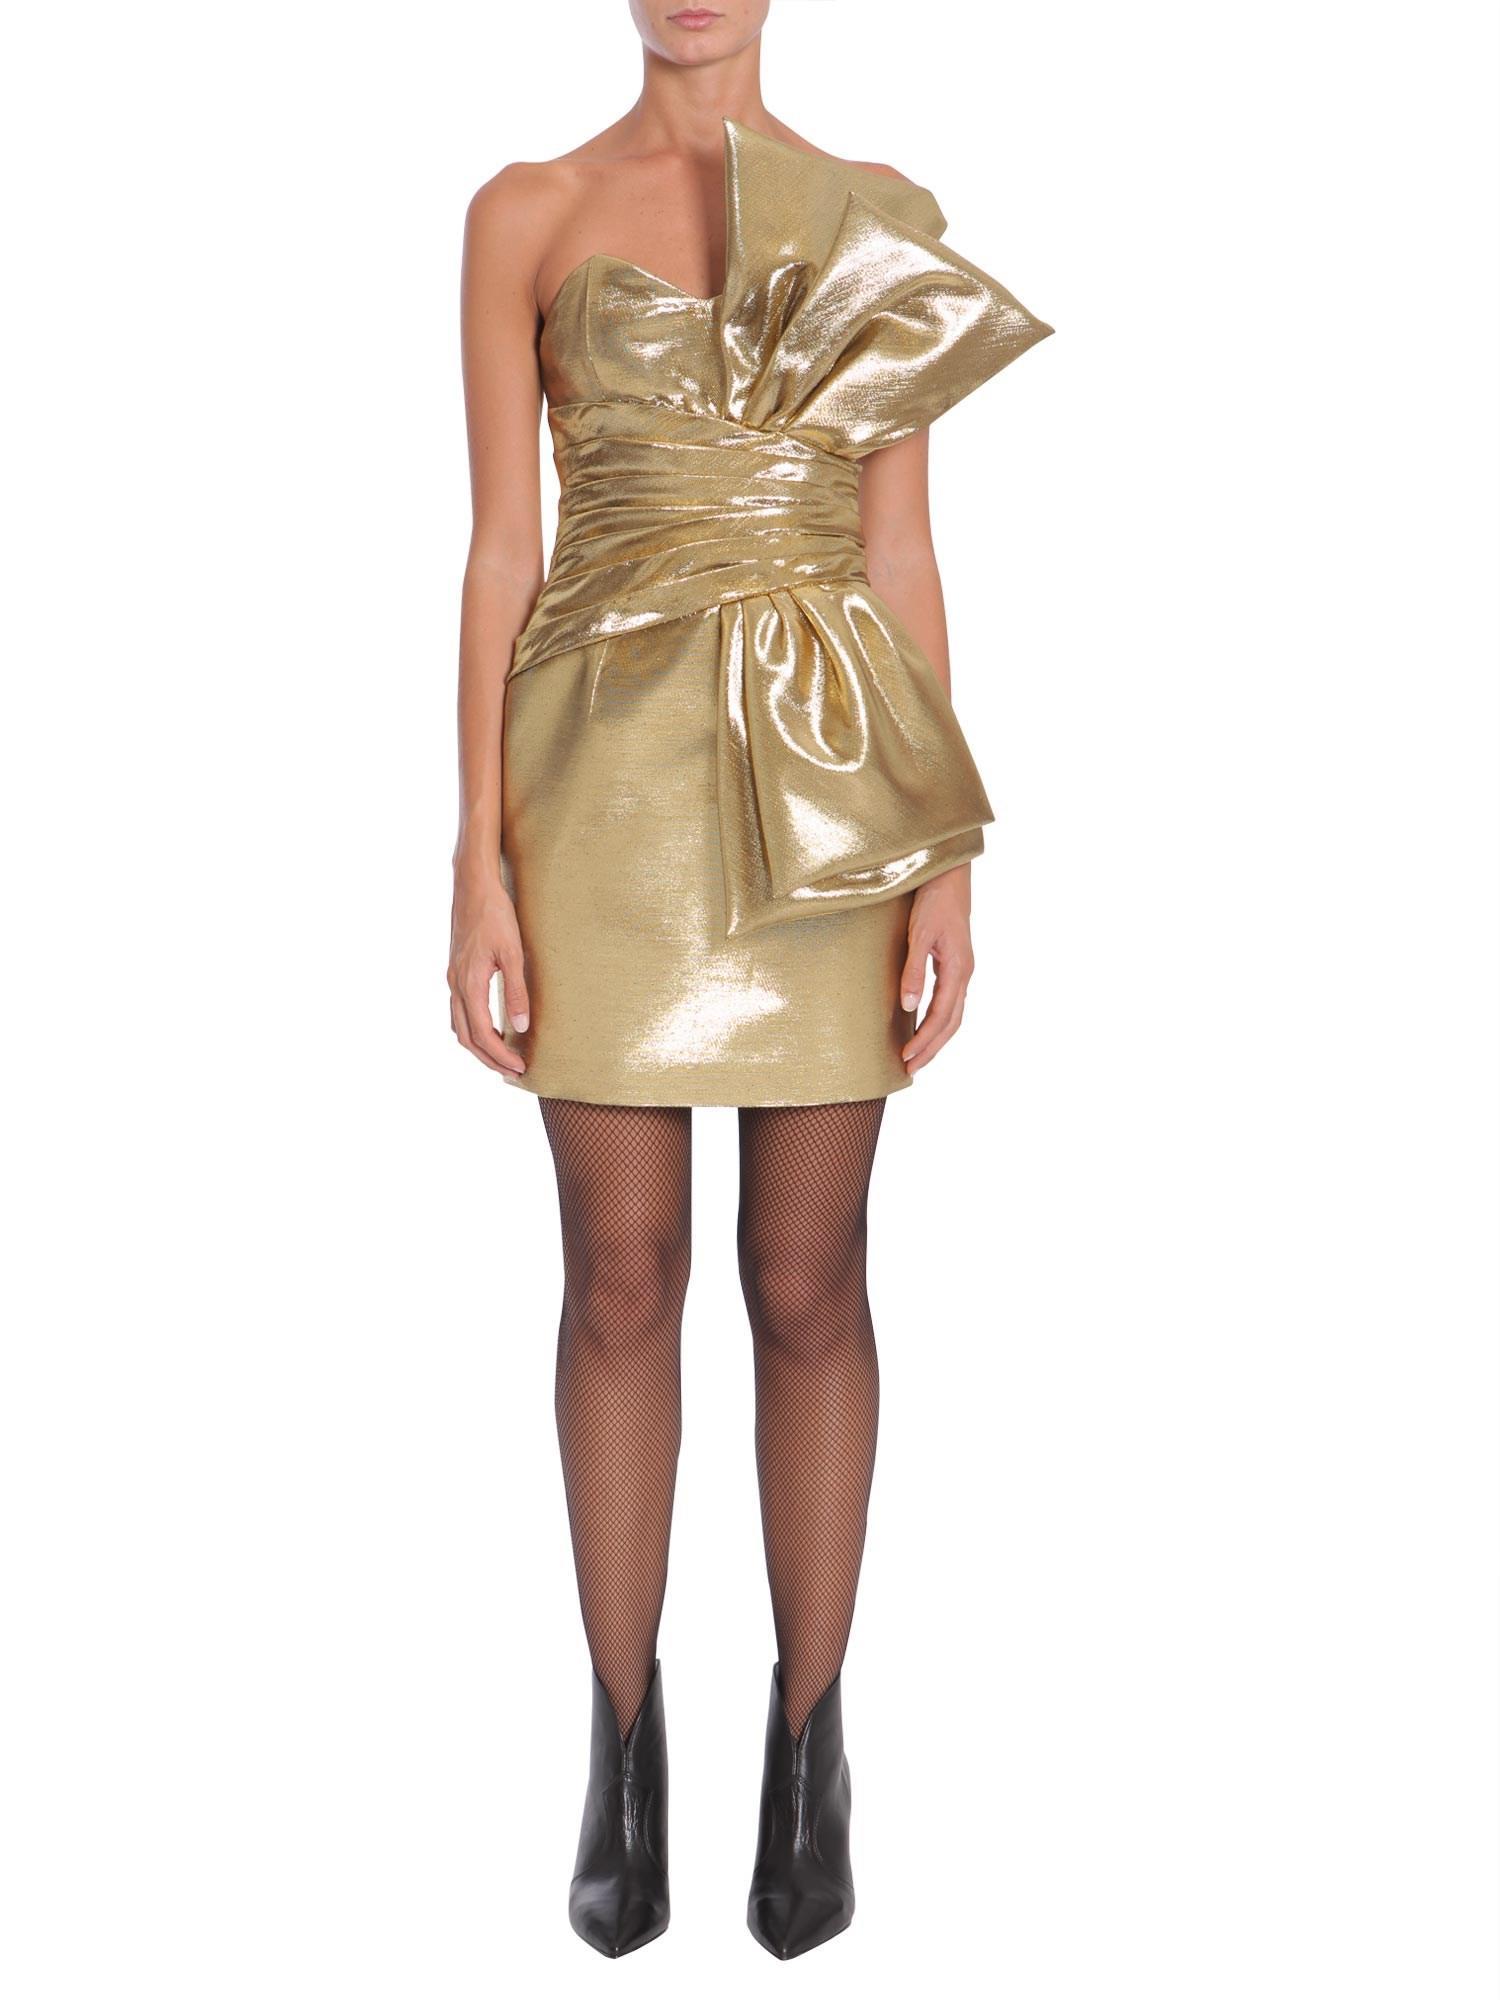 7c52515b9b Saint Laurent Gold Bow Laminated Mini Dress in Metallic - Lyst